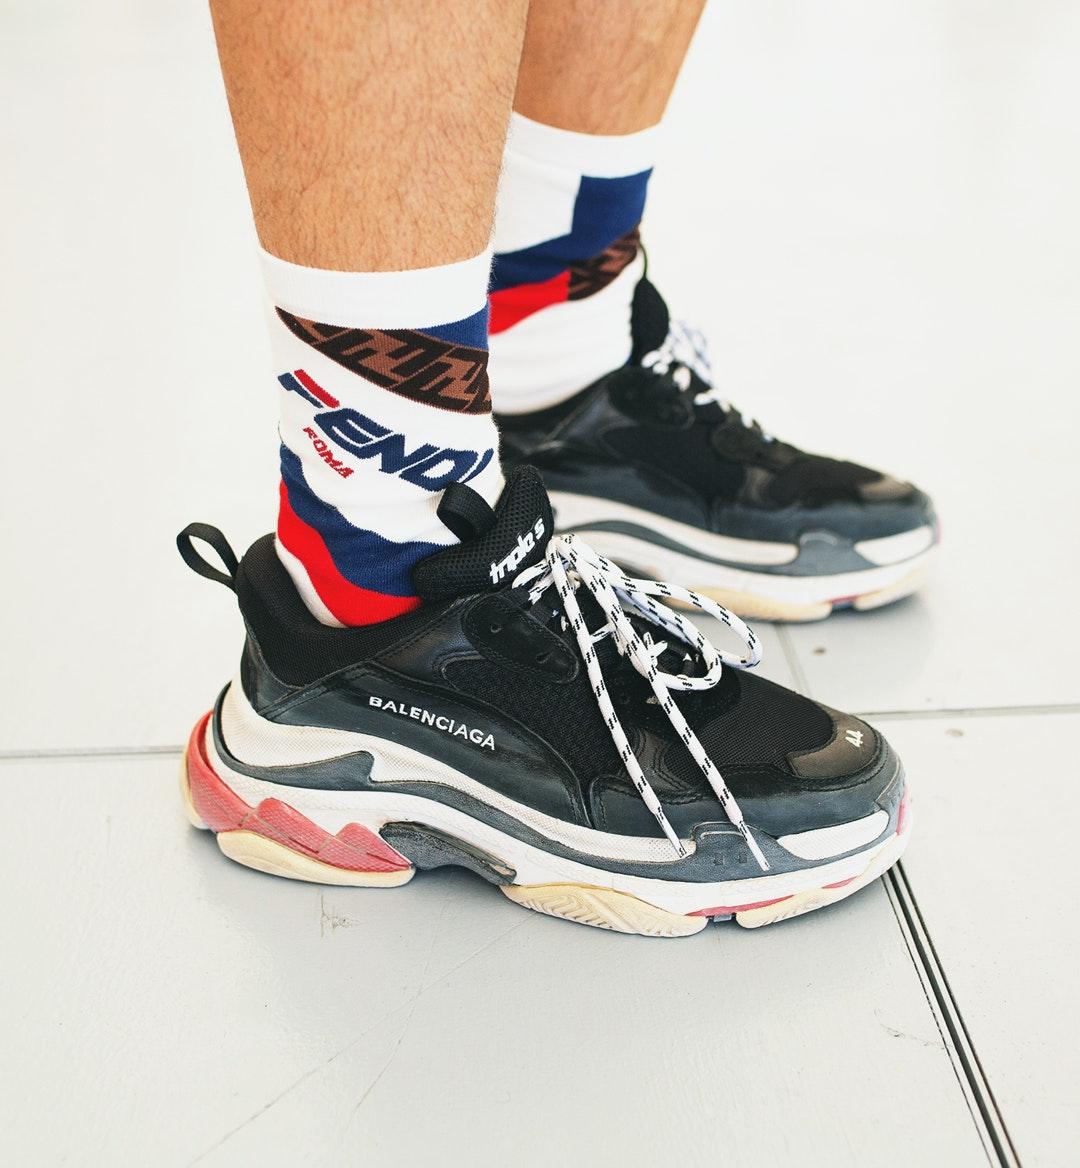 balenciaga sneakers mobile